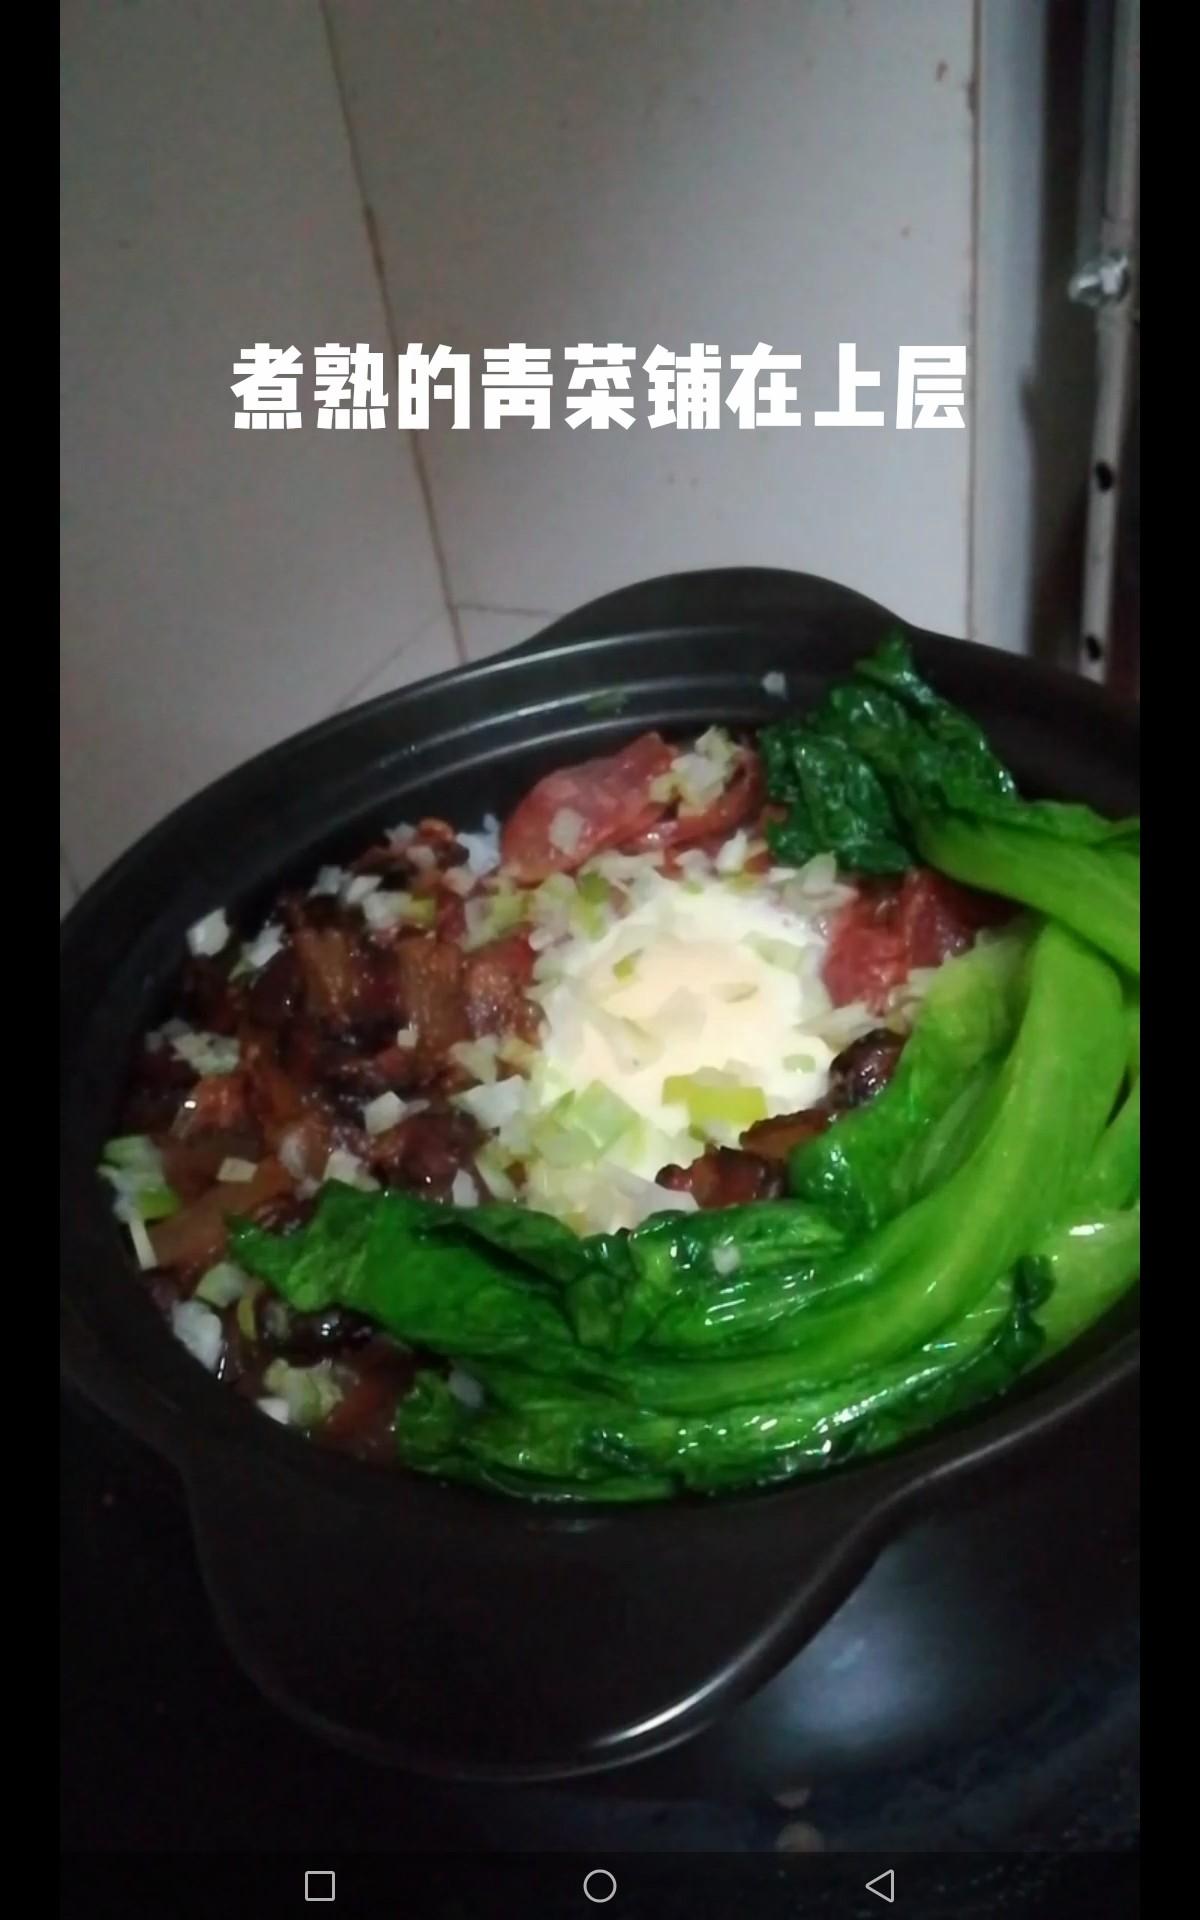 砂锅煲仔饭怎么煮